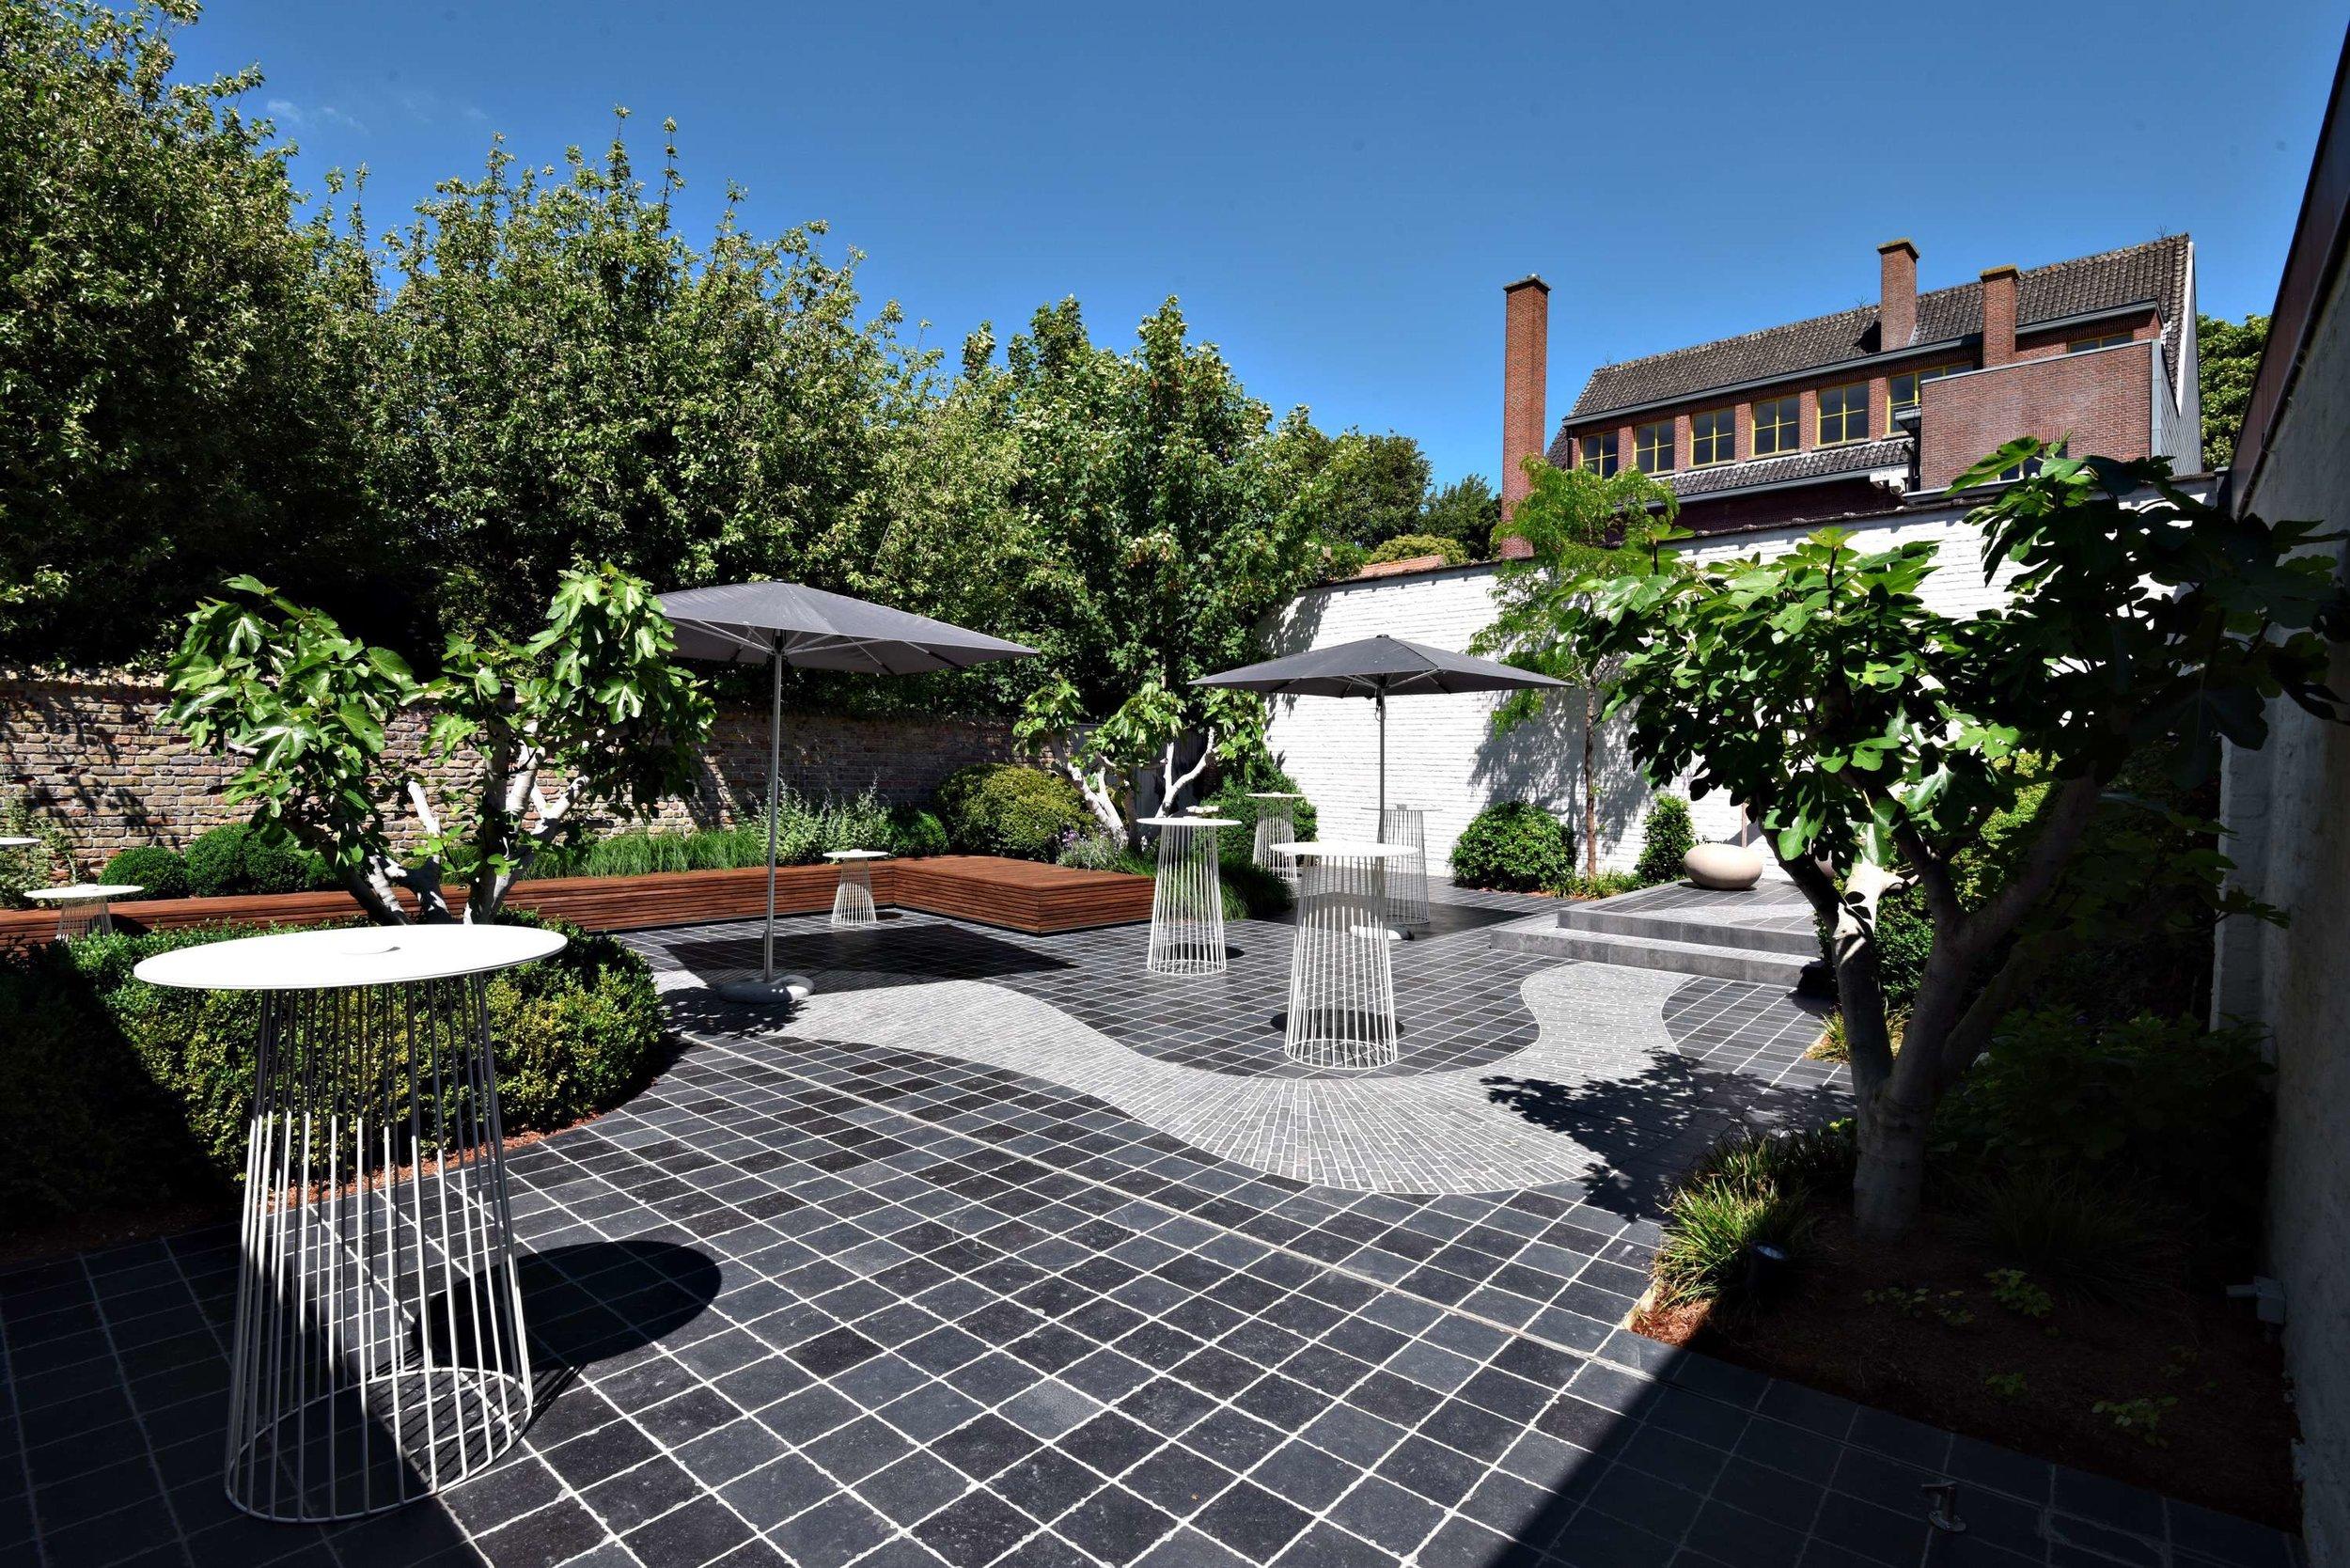 3 terras zaal saint germain feestzaal restaurant ontbijt diksmuide bart albrecht tablefever.jpg